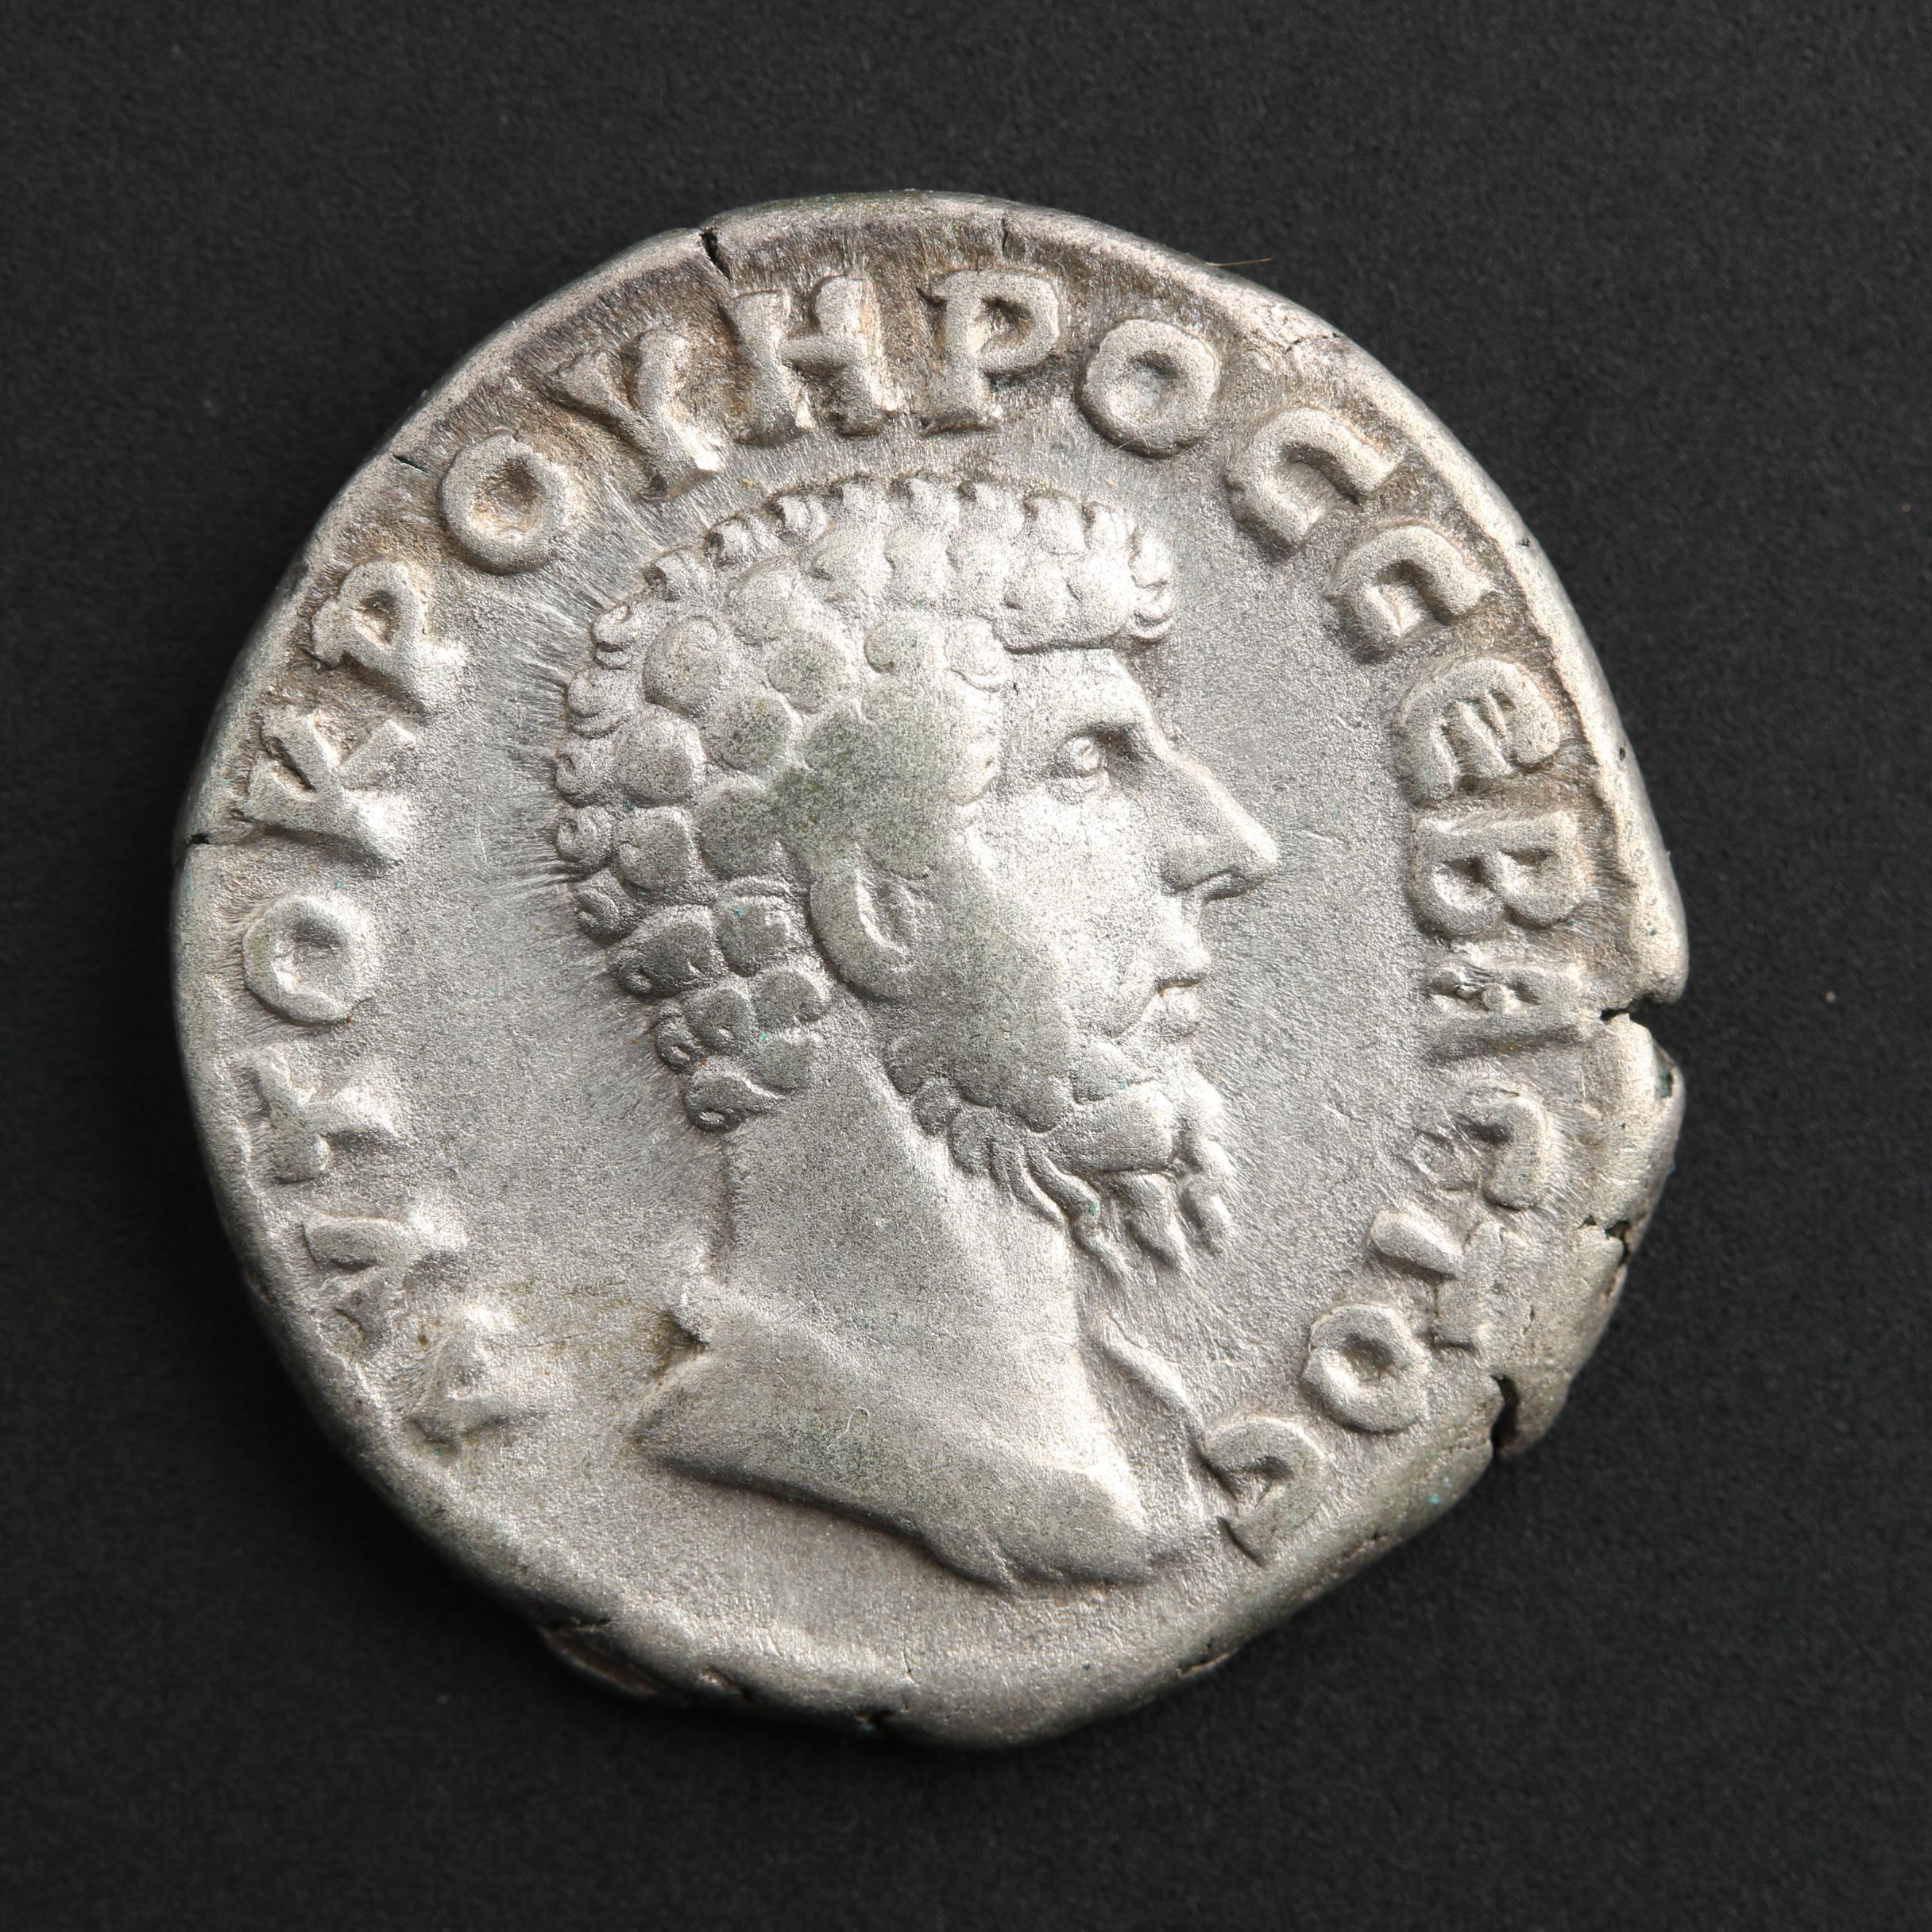 AR Didrachm of Lucius Verus, Cappodocia, Caesarea, ca. 161 A.D.